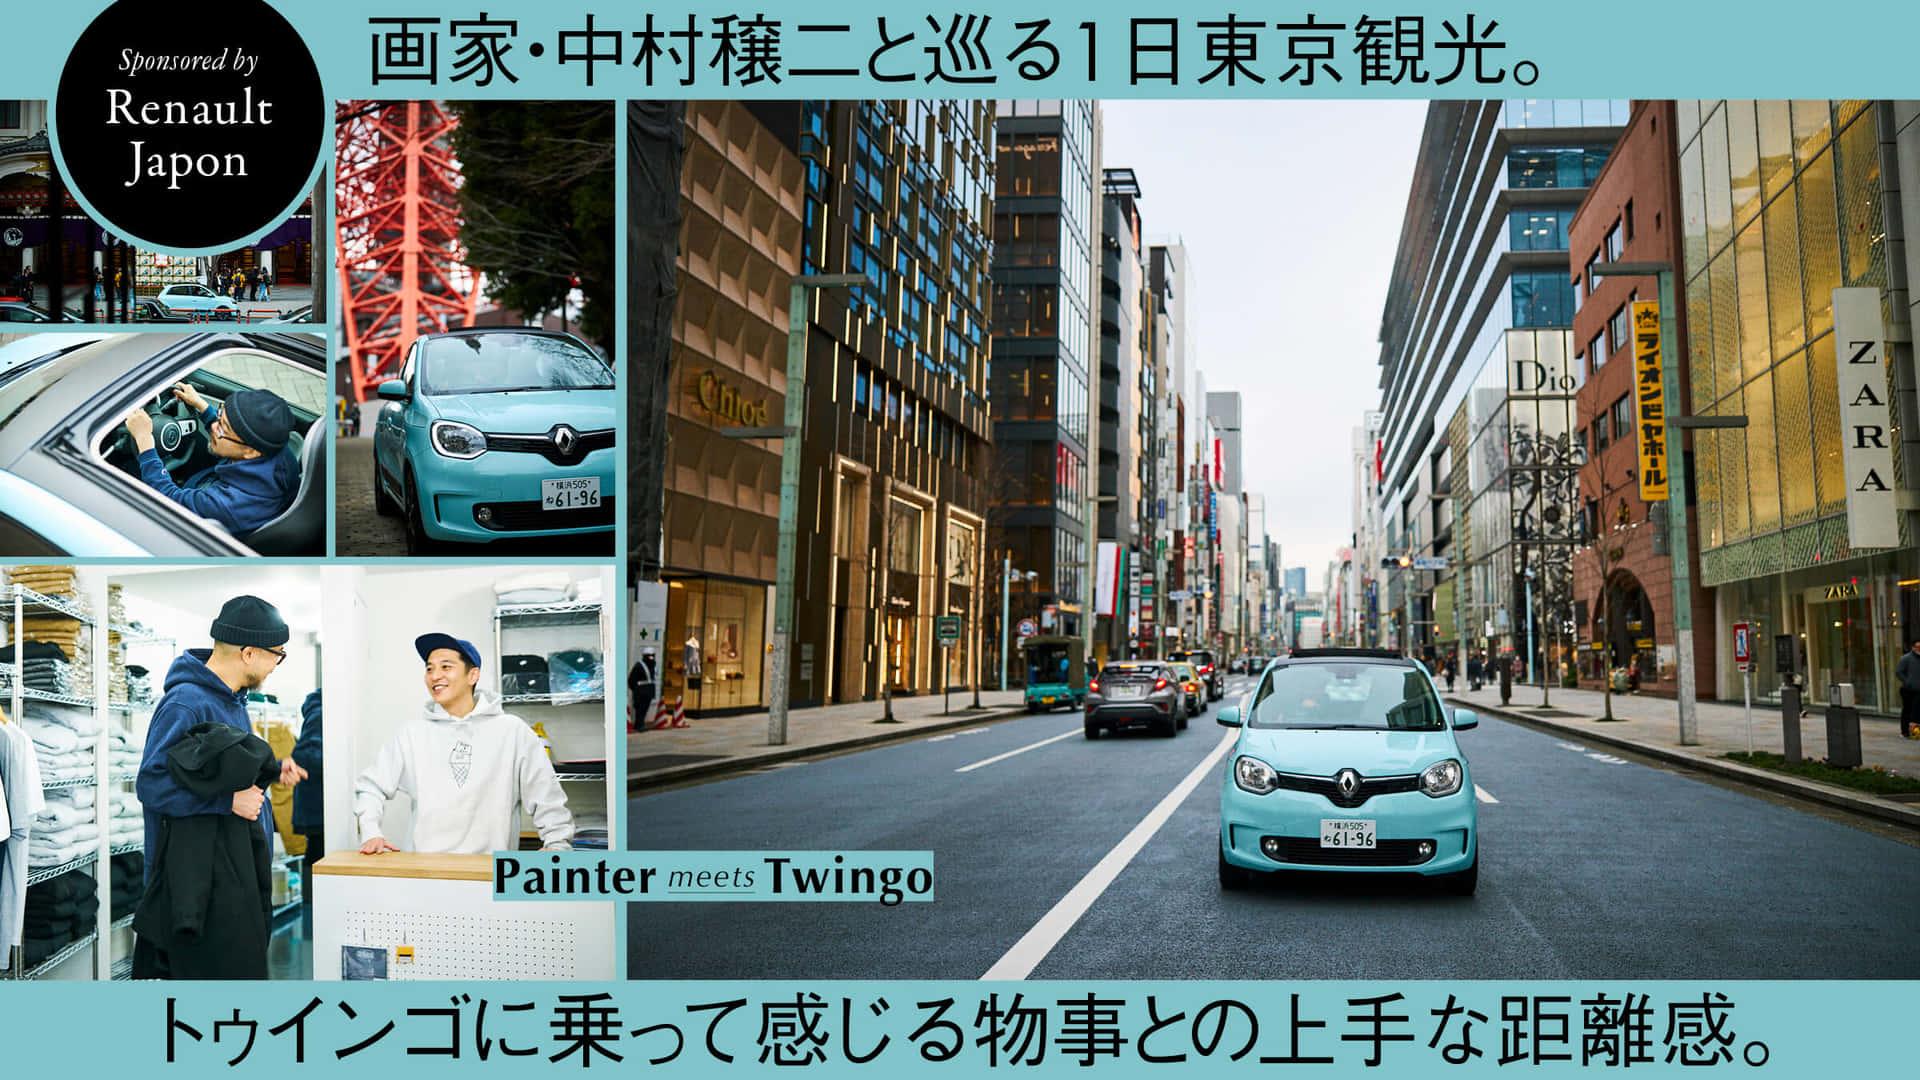 画家・中村穣二と巡る1日東京観光。トゥインゴに乗って感じる物事との上手な距離感。